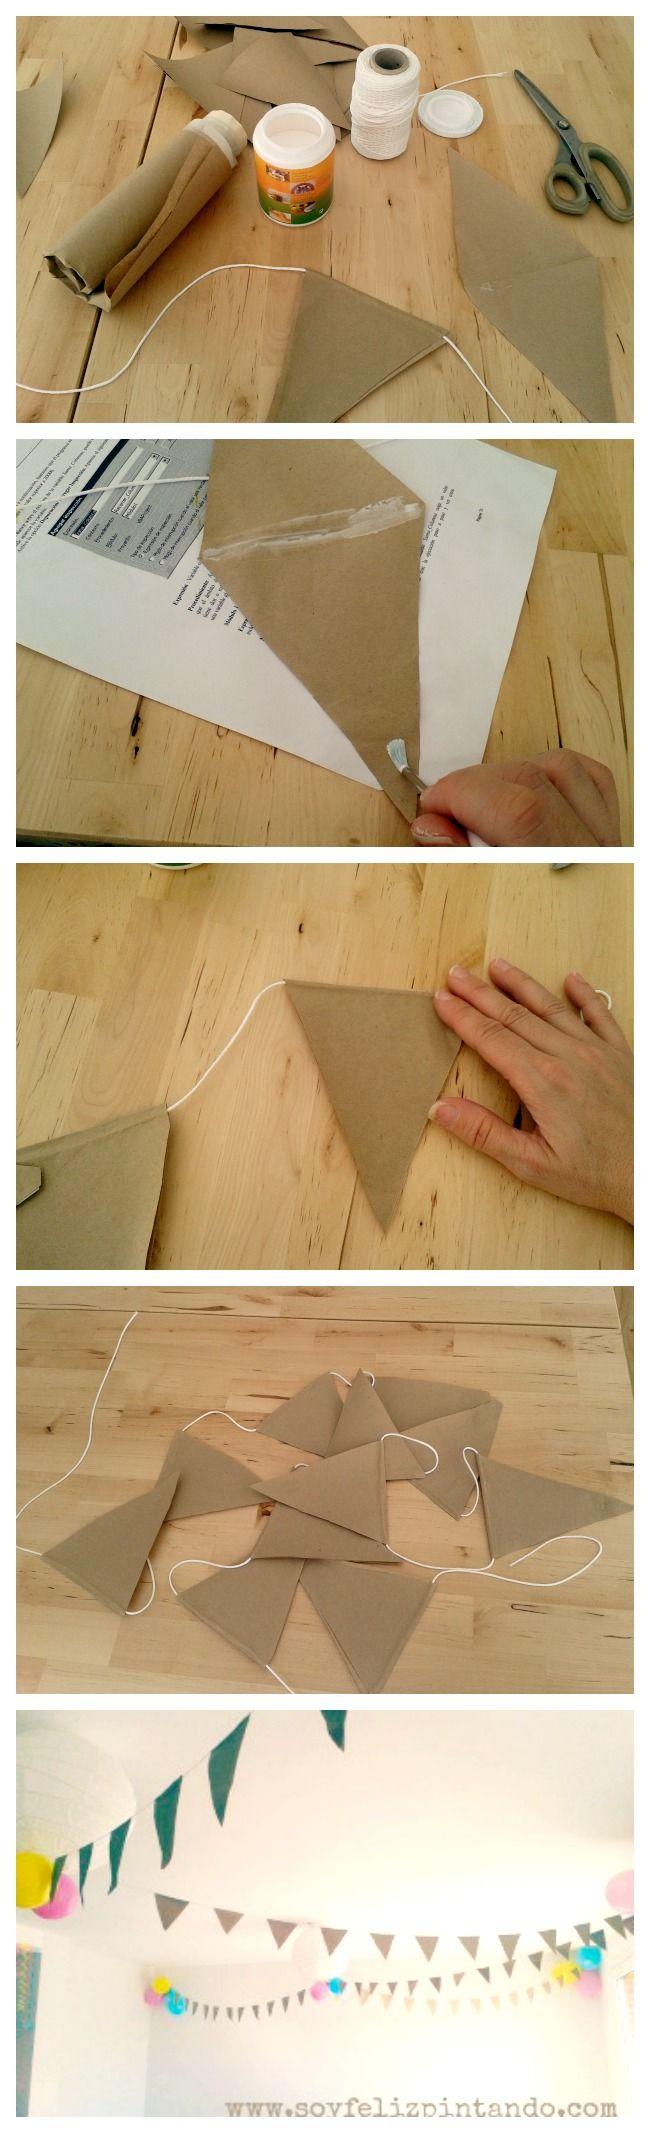 Cómo hacer unos banderines craft para decorar tu fiesta con menos de 5 euros.